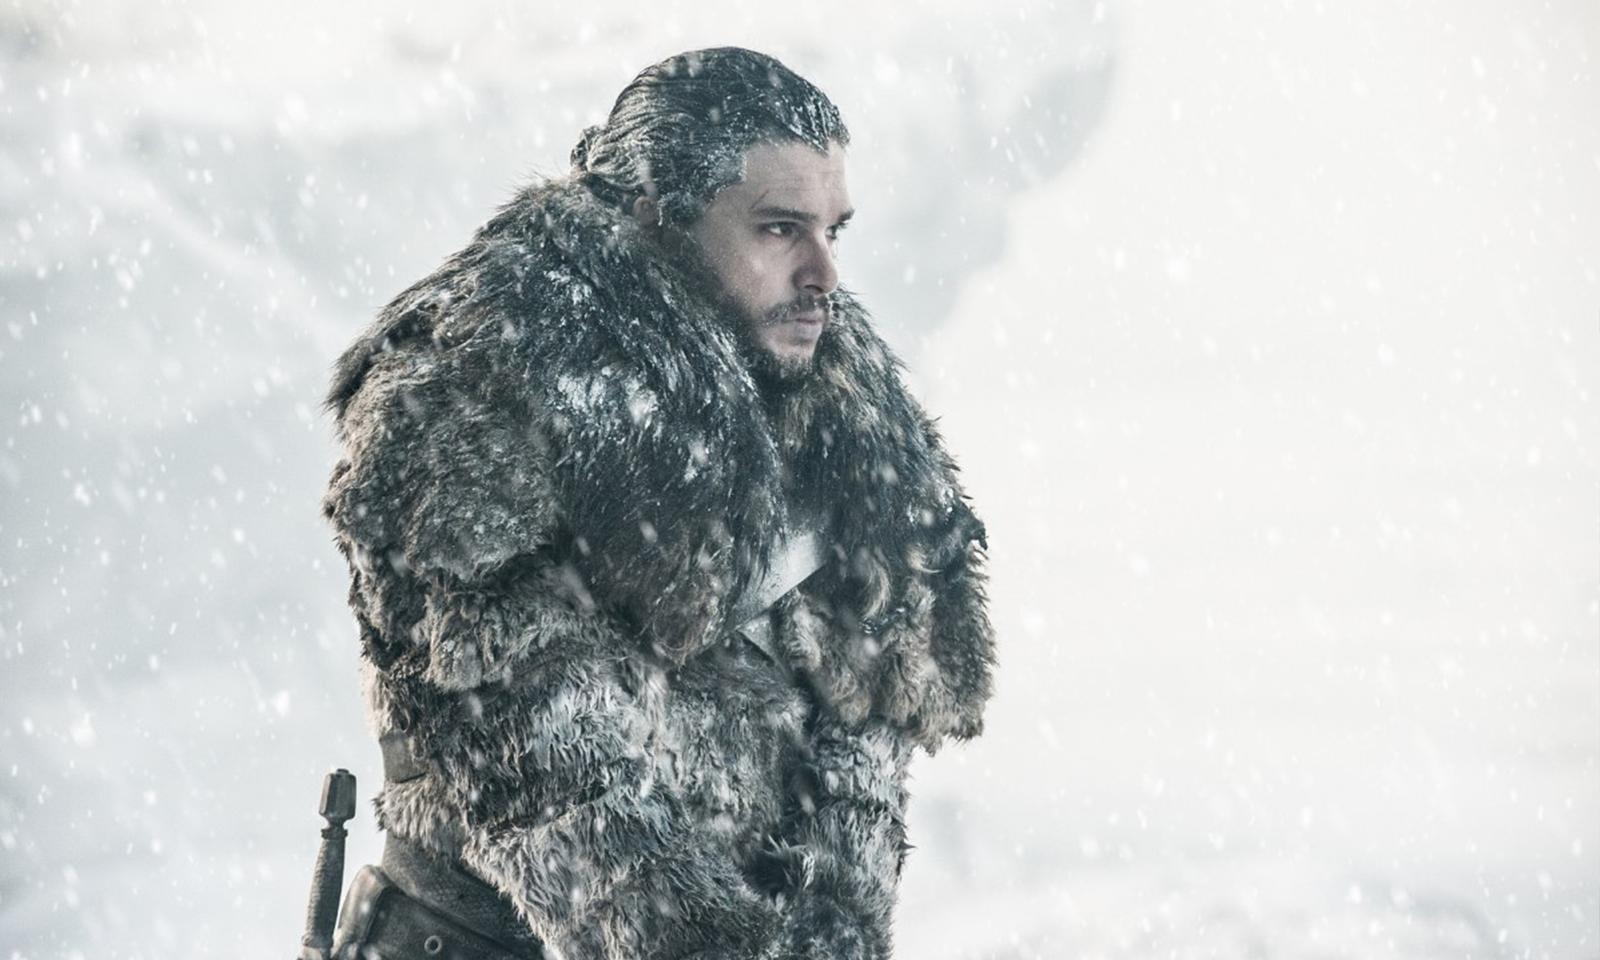 Jon Snow i Daenerys spotykają się w prawdziwym życiu